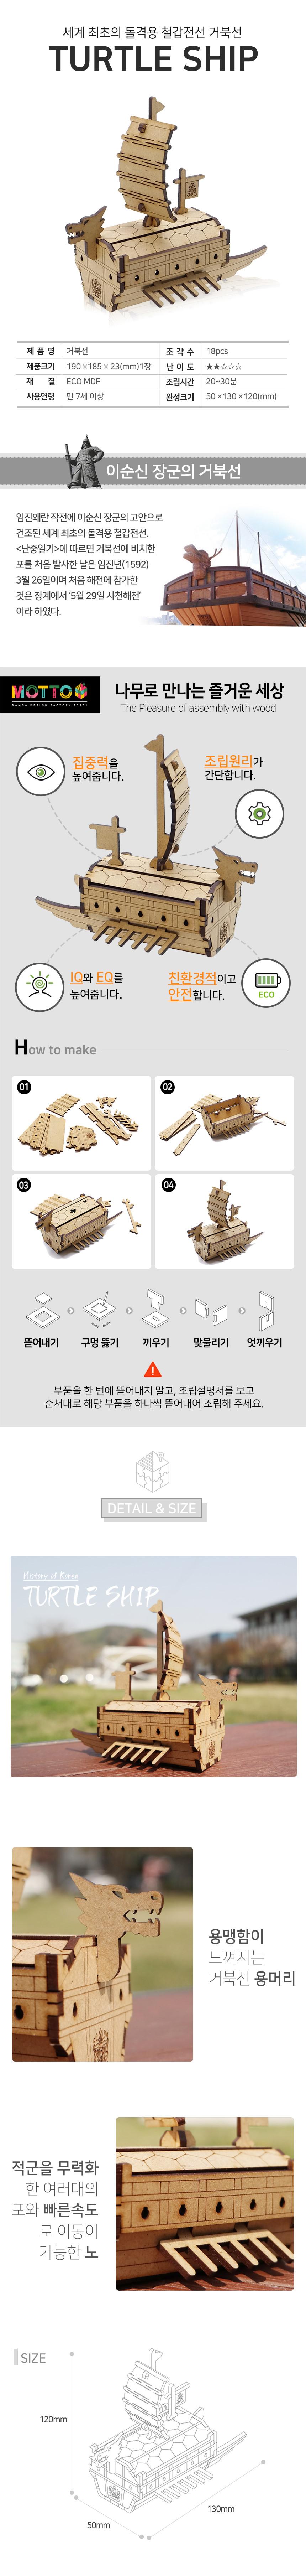 이순신 장군의 거북선 입체퍼즐 - 모또, 6,000원, 조각/퍼즐, 3D입체퍼즐